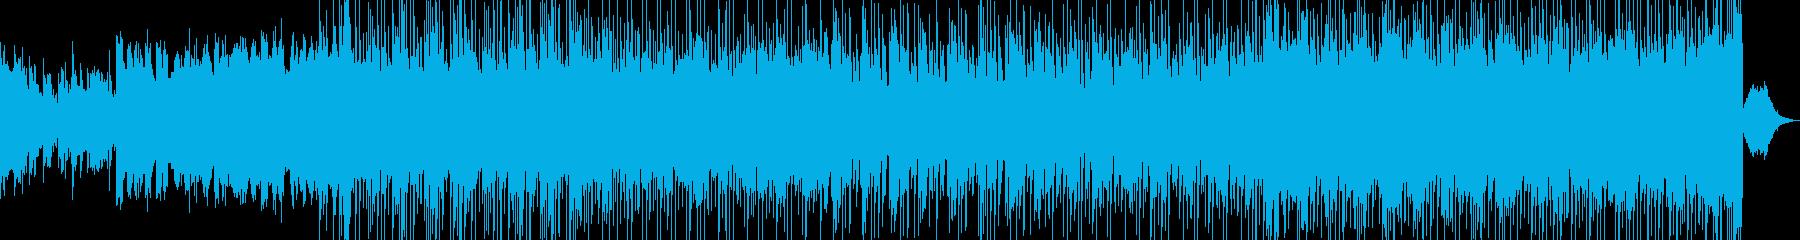 レトロなシンセサウンドで、明るく表現の再生済みの波形